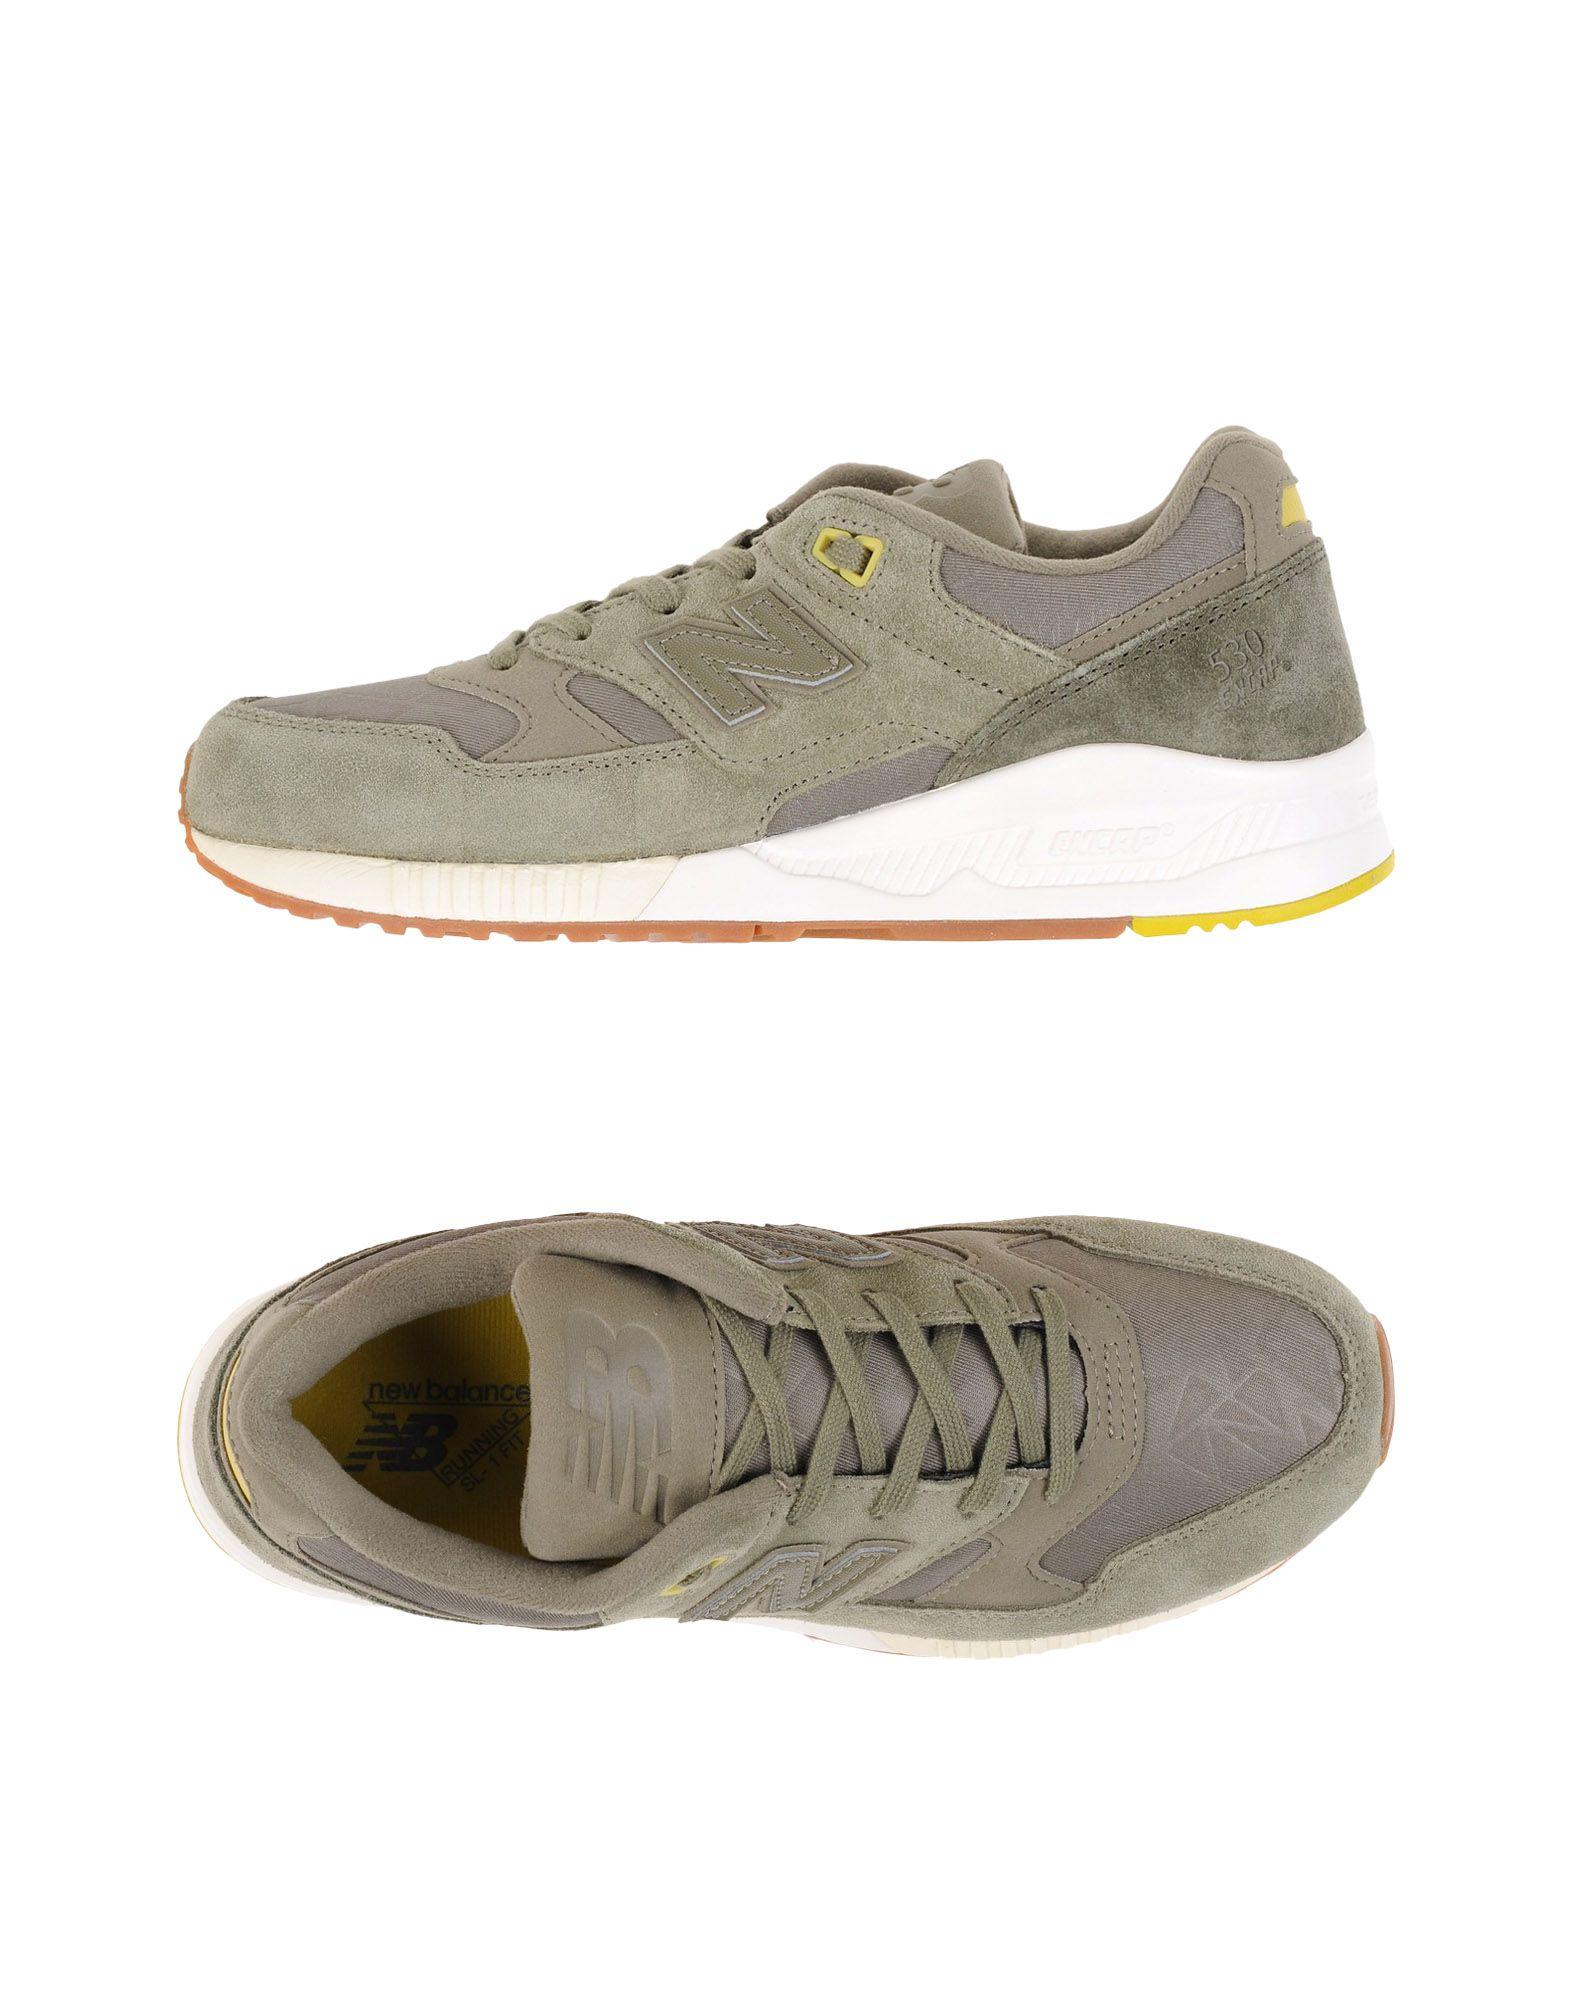 Γυναικεία Αθλητικά Παπούτσια - Σελίδα 347  421cc956a1a